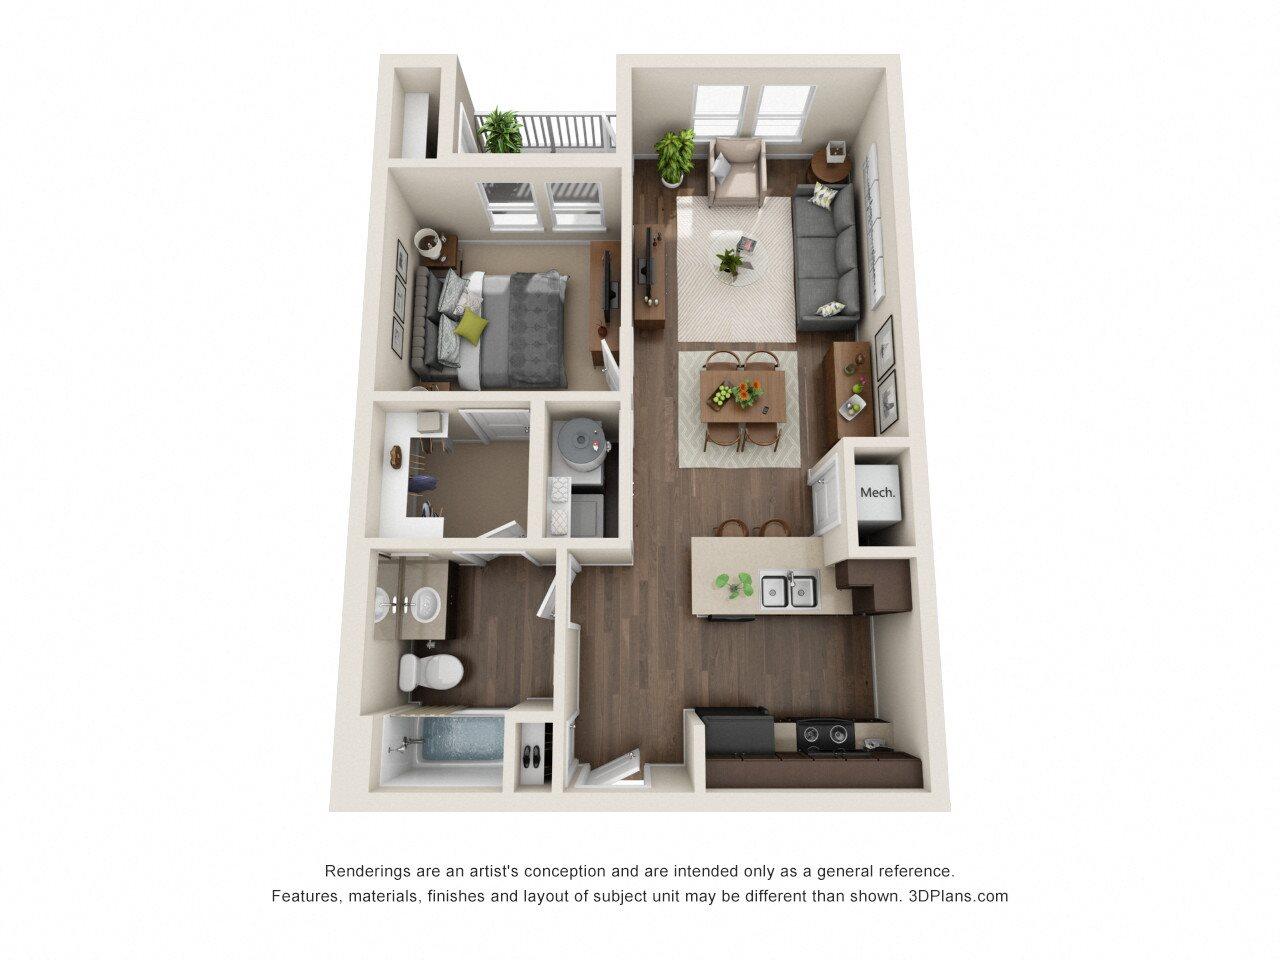 1 2 3 bedroom apartments in san antonio tx rio lofts - 1 bedroom apartments san antonio tx ...